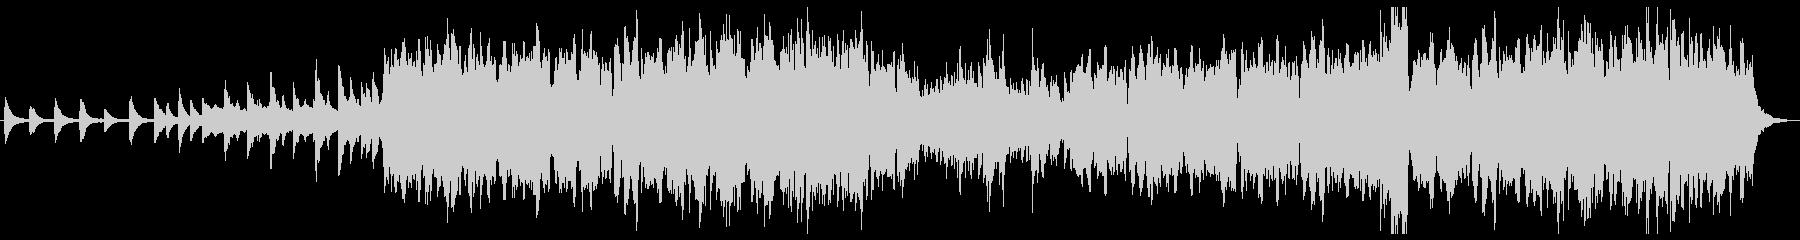 ケルト 幻想的なピアノとローホイッスルの未再生の波形